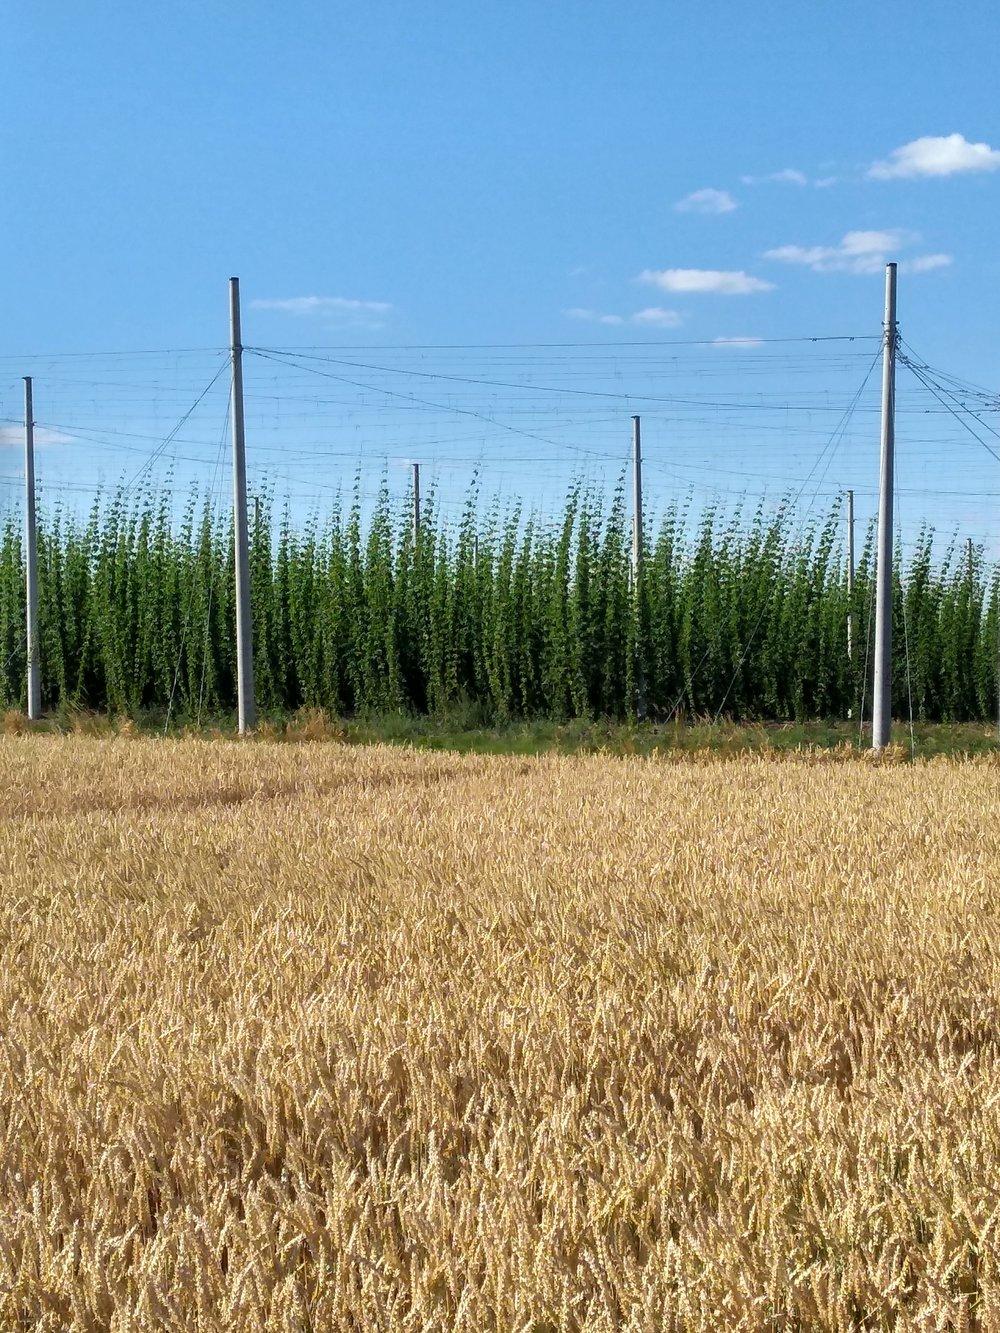 Hop field near Meuselwitz Germany.